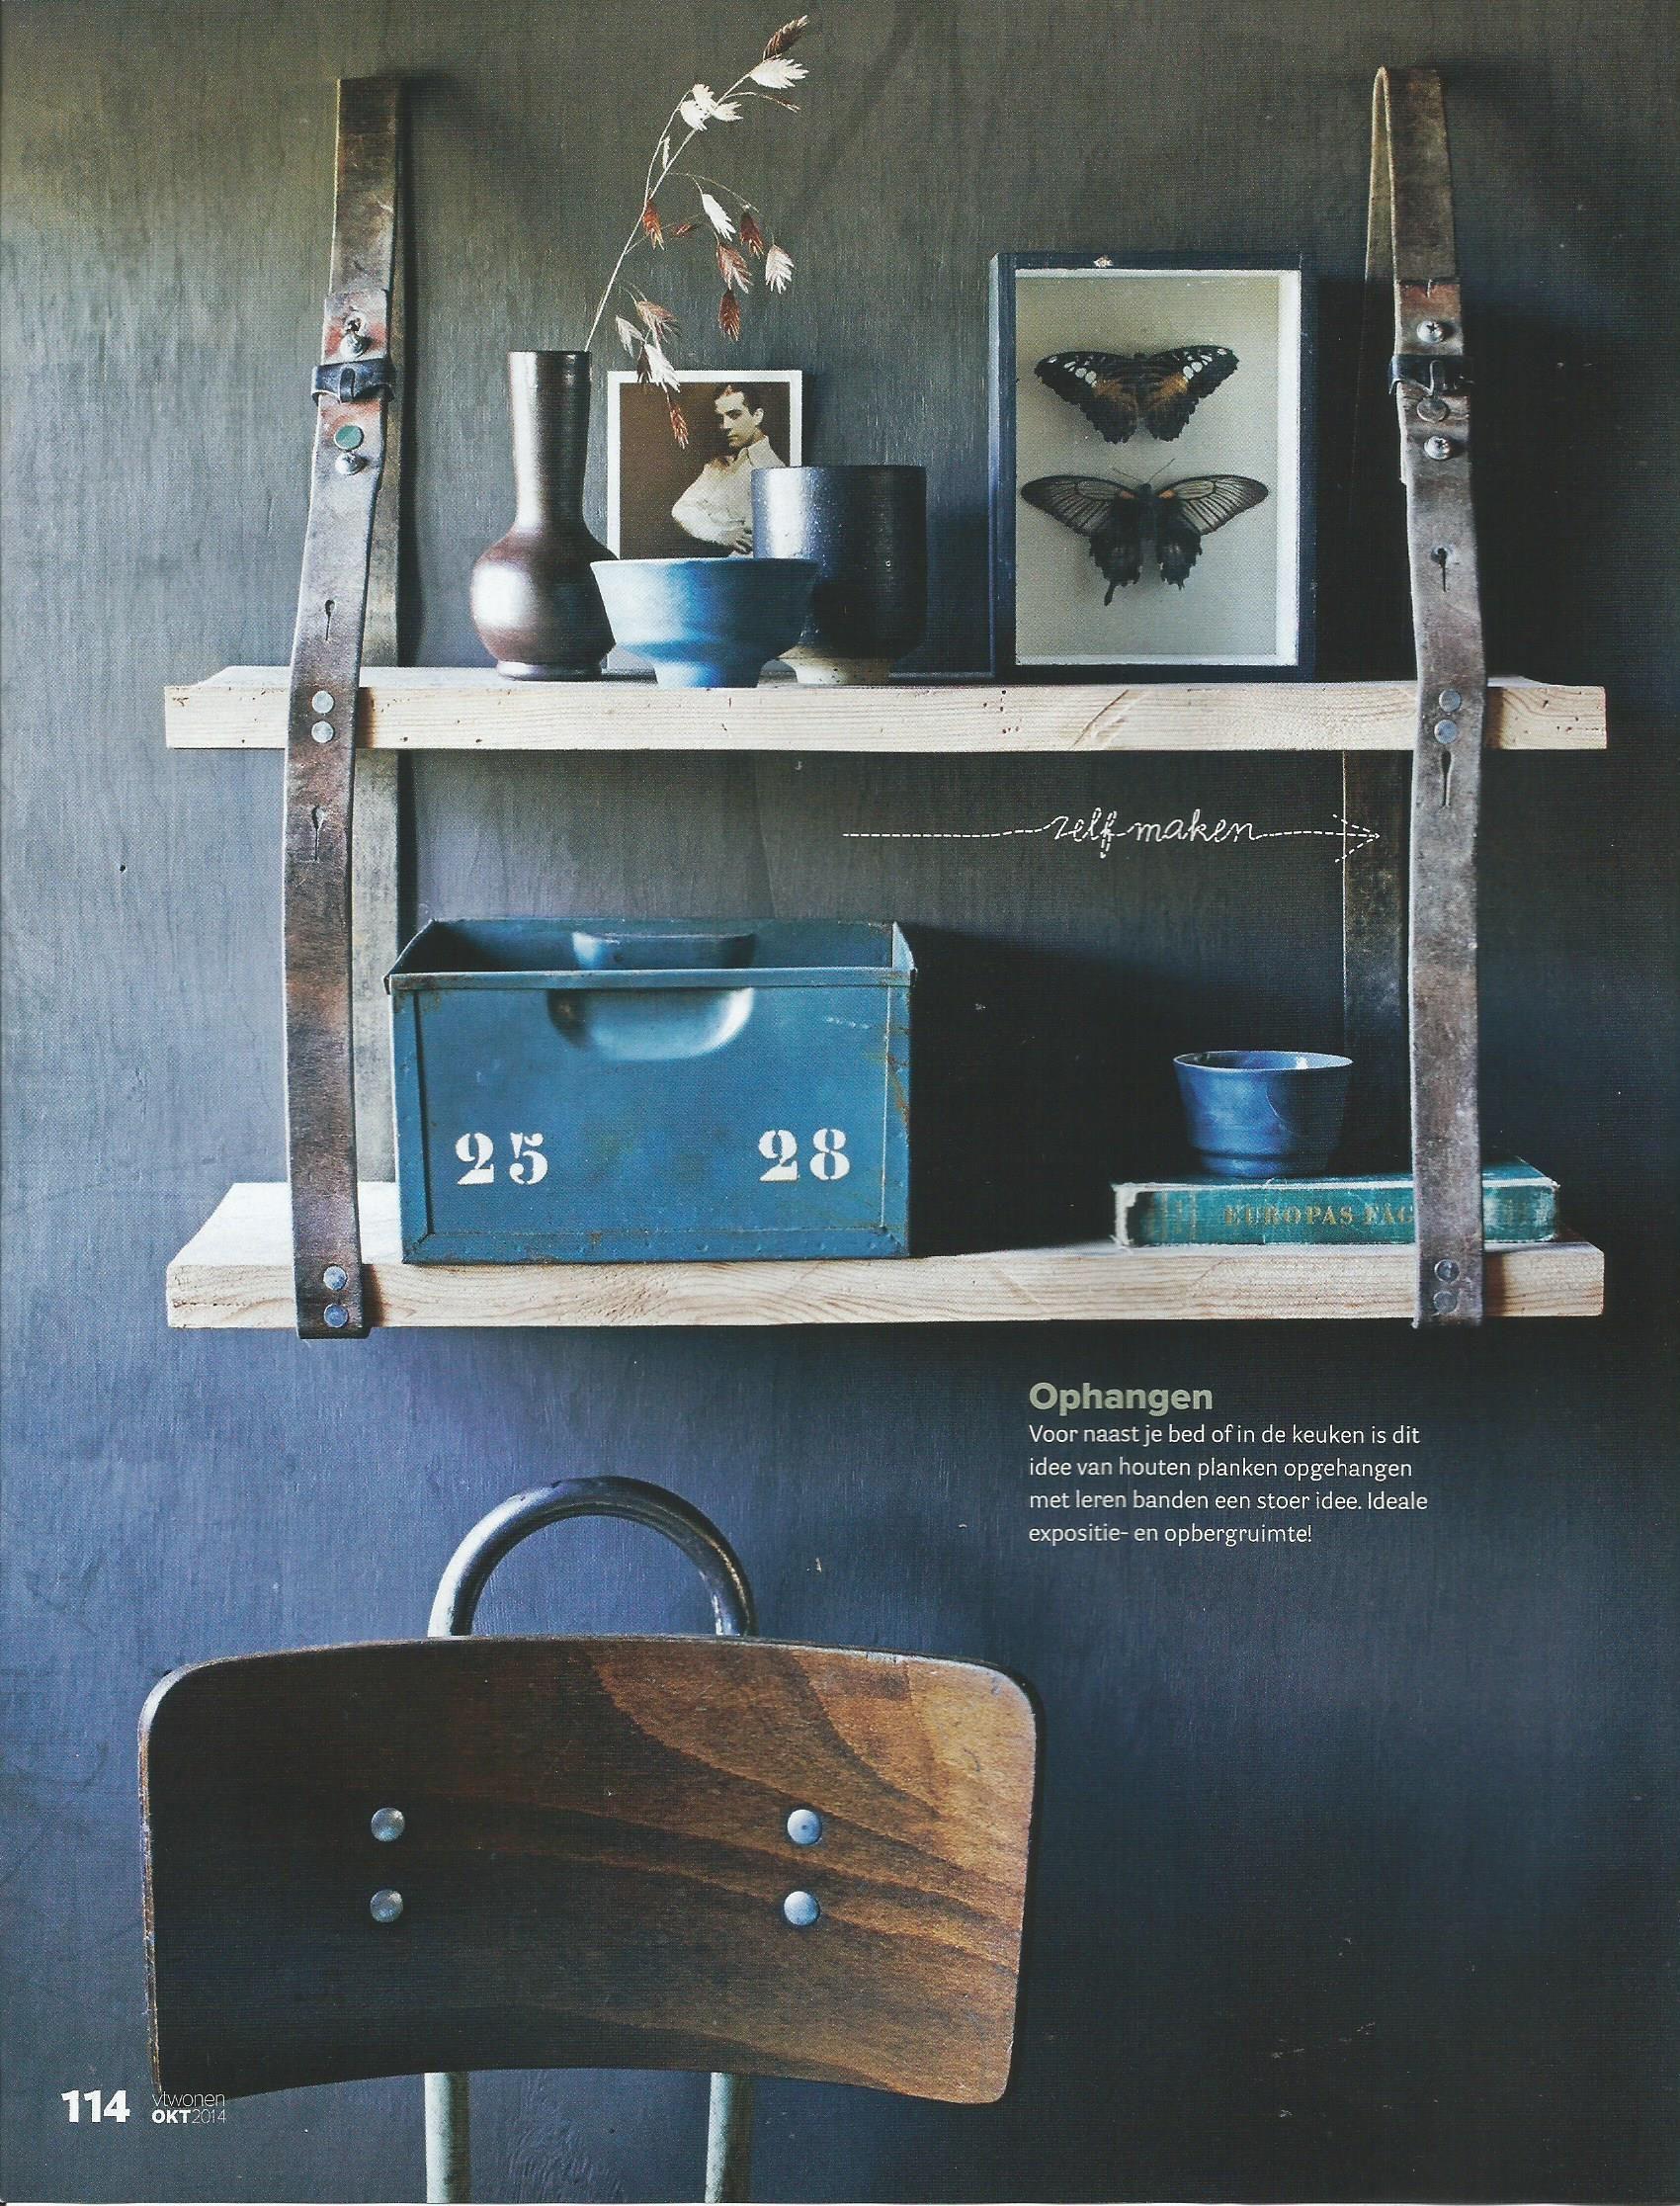 Industrial Interior By Design Magazine VTWonen Vintage Work Chair Brut Amsterdam